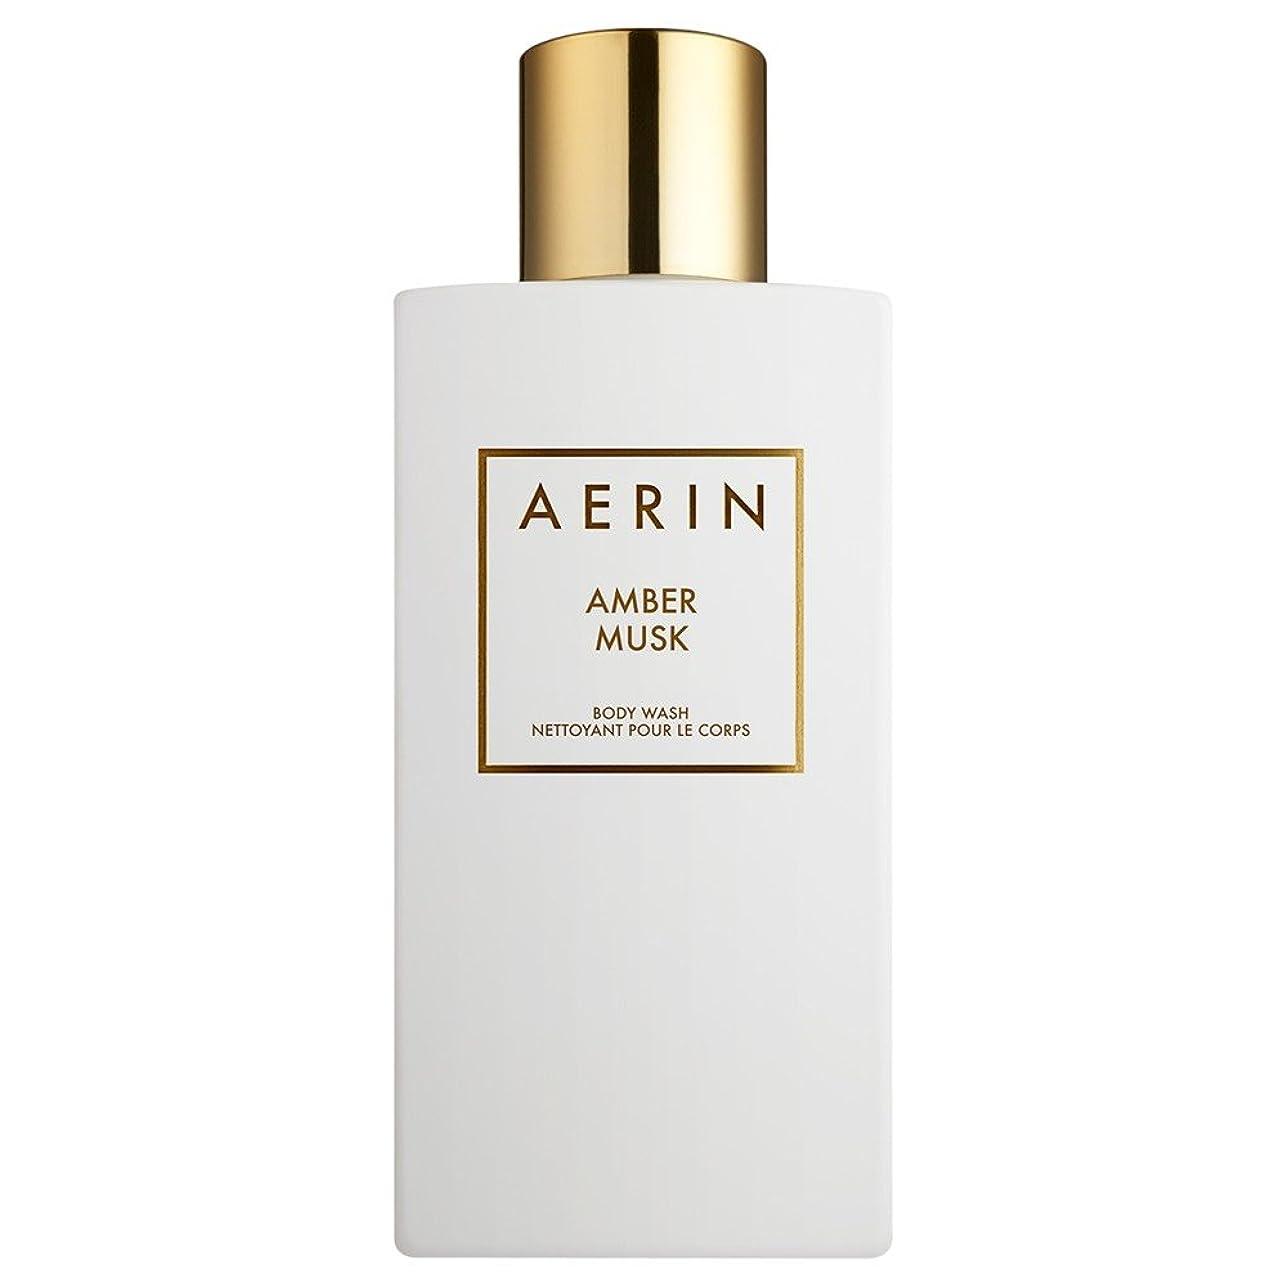 セミナー側暴君Aerinアンバームスクボディウォッシュ225ミリリットル (AERIN) (x2) - AERIN Amber Musk Bodywash 225ml (Pack of 2) [並行輸入品]